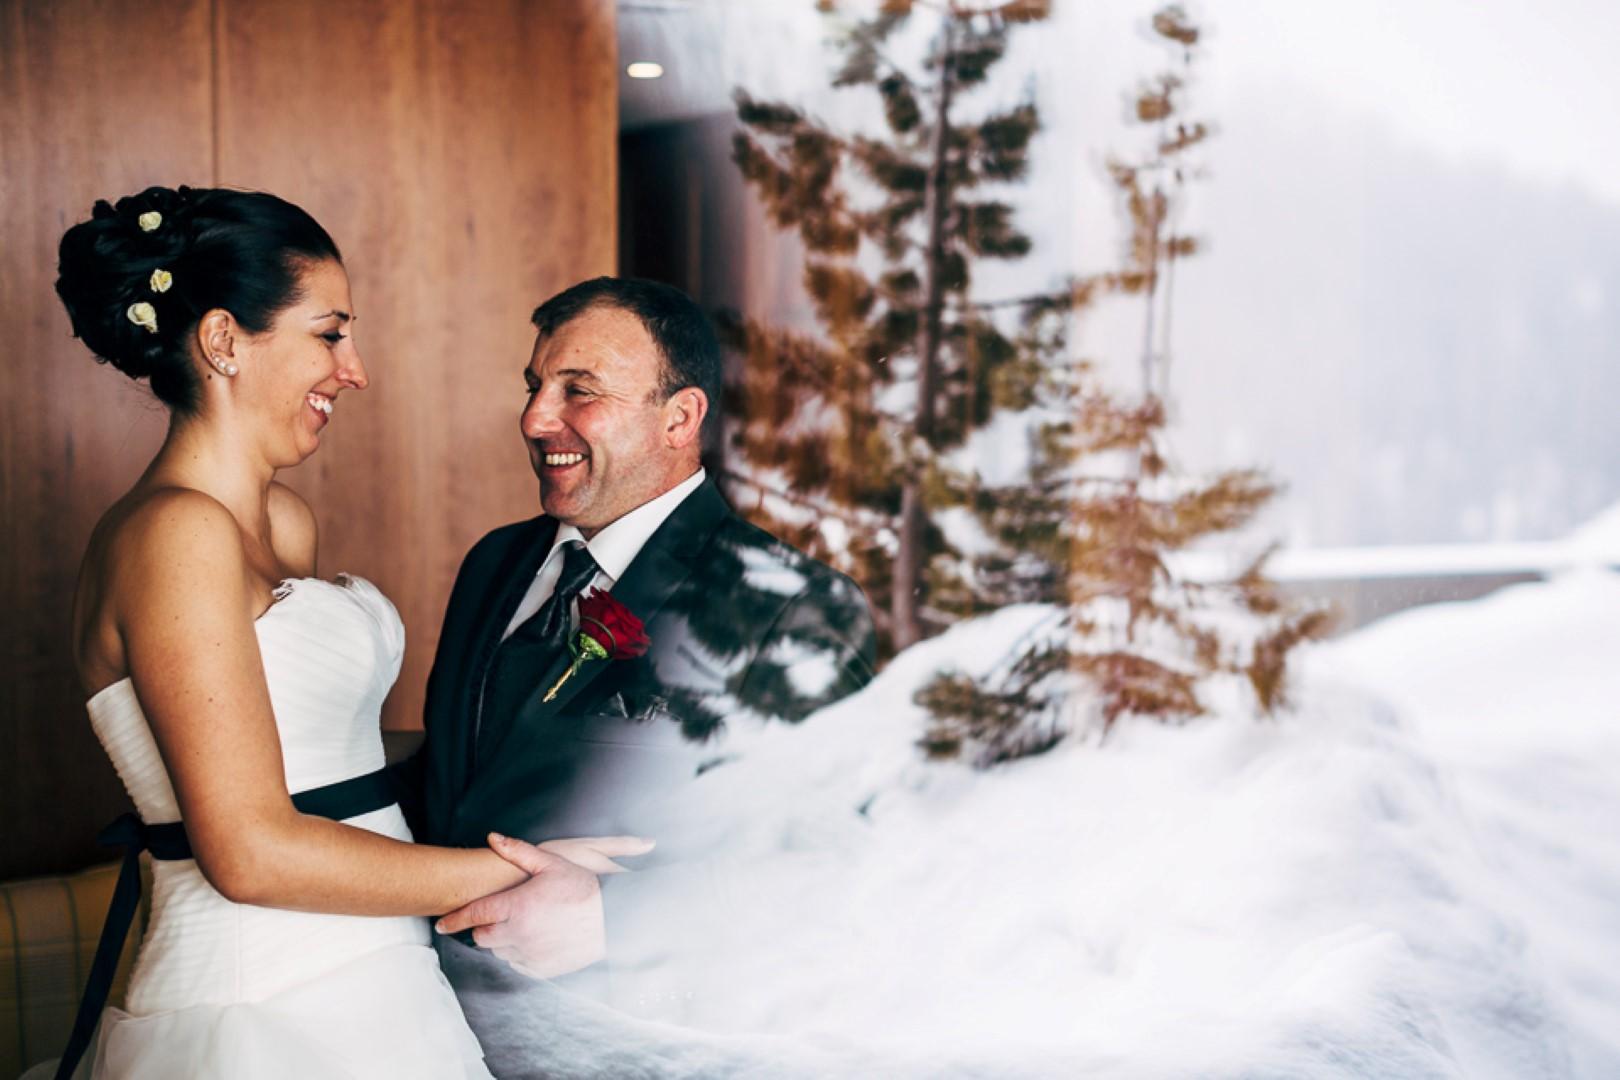 Hochzeit von Danielle und Andy in Arosa vom 01. März 2014.